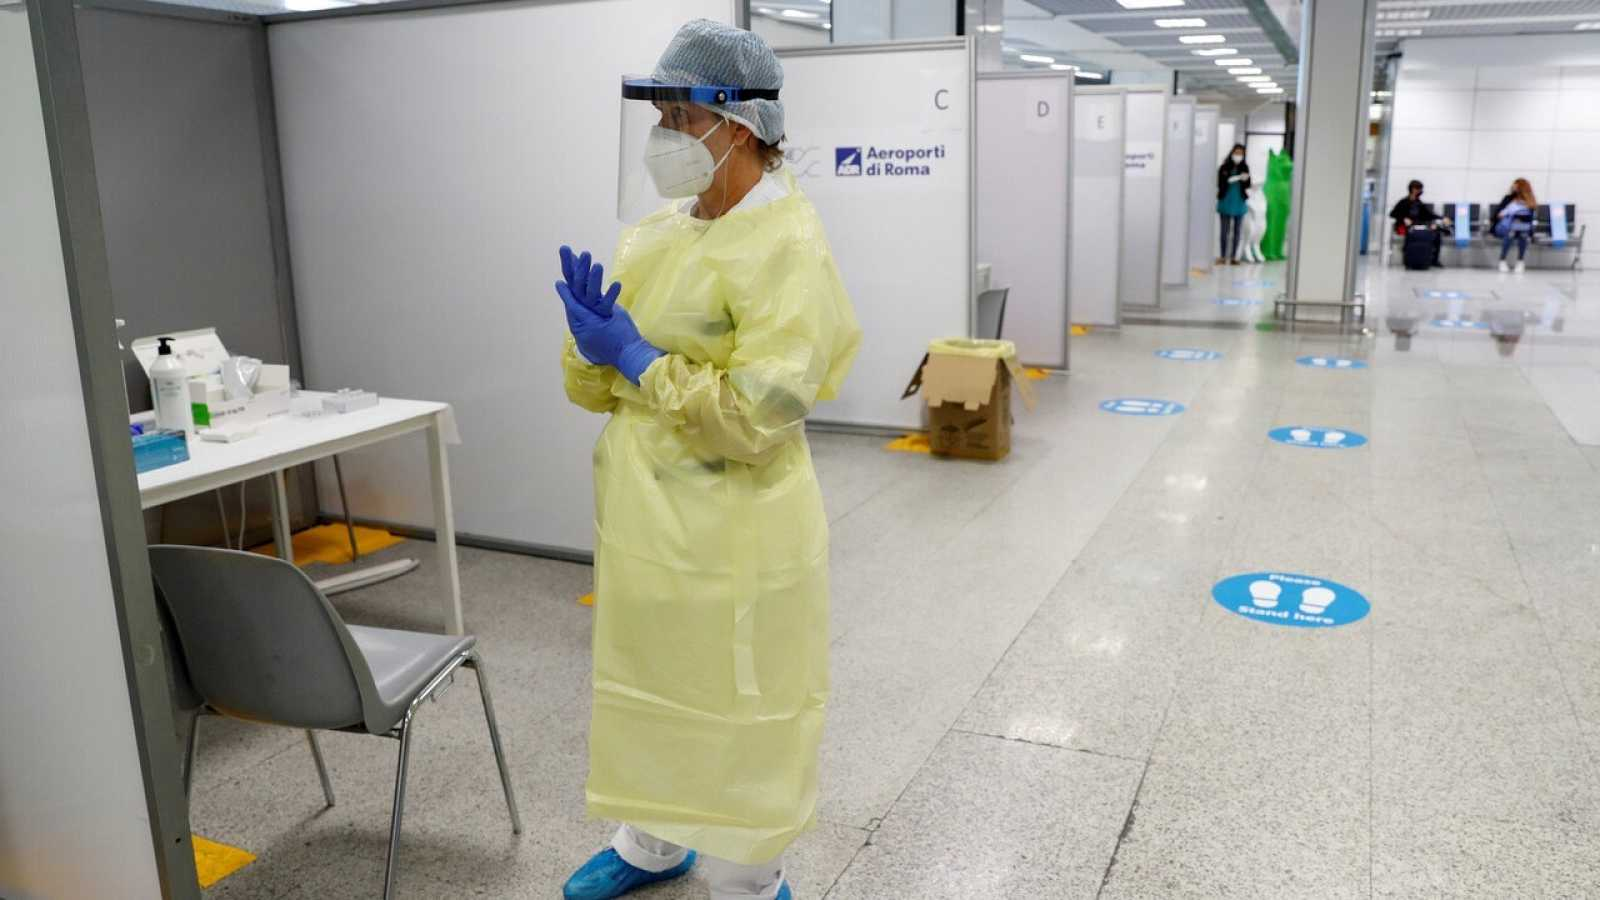 Un sanitario espera para realizar tests virales en el aeropuerto de Fiumicino, en Roma. REUTERS/Remo Casilli